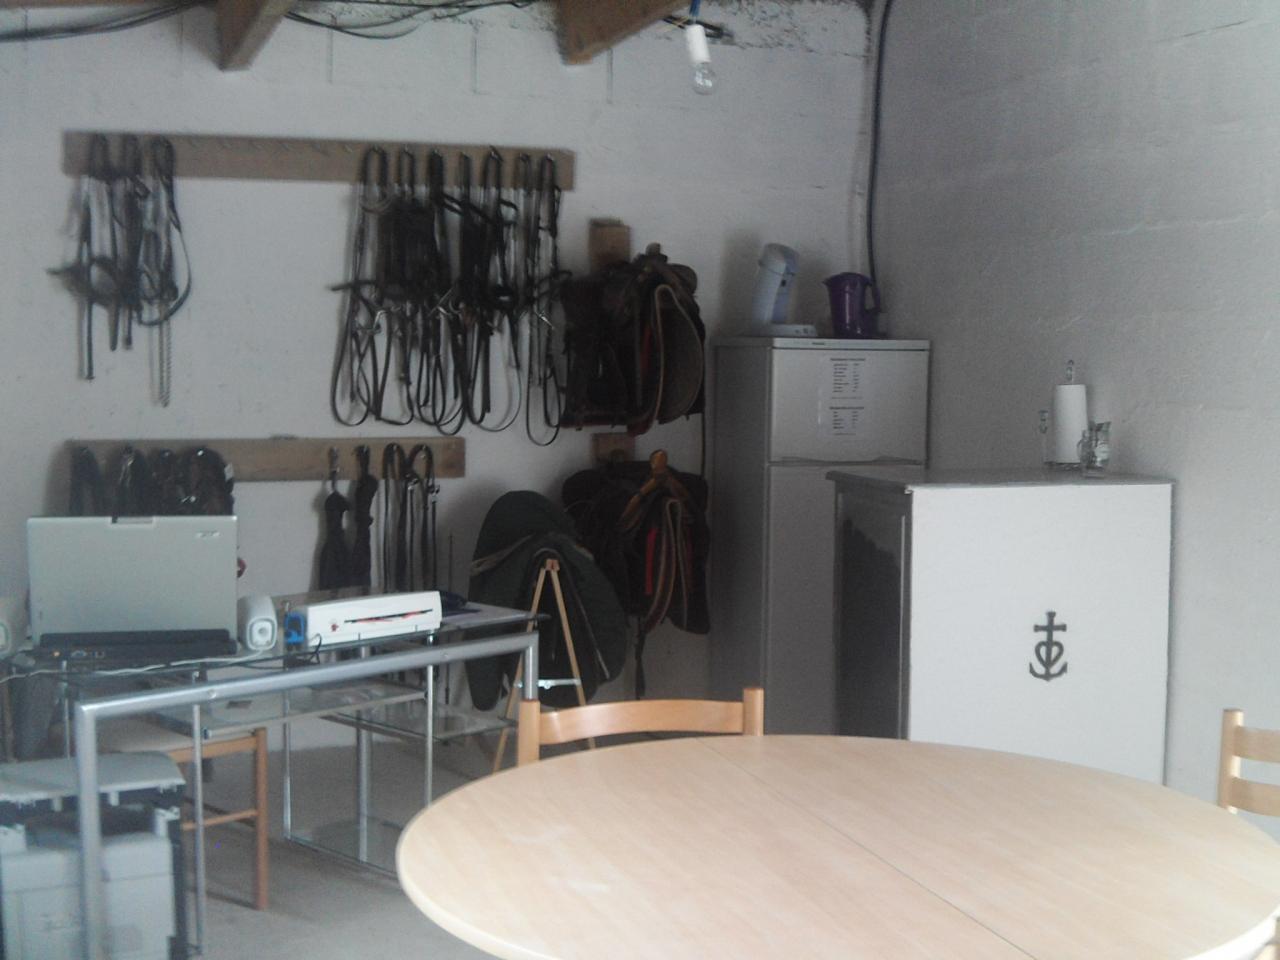 bureau d'accueil des écuries de loudjil